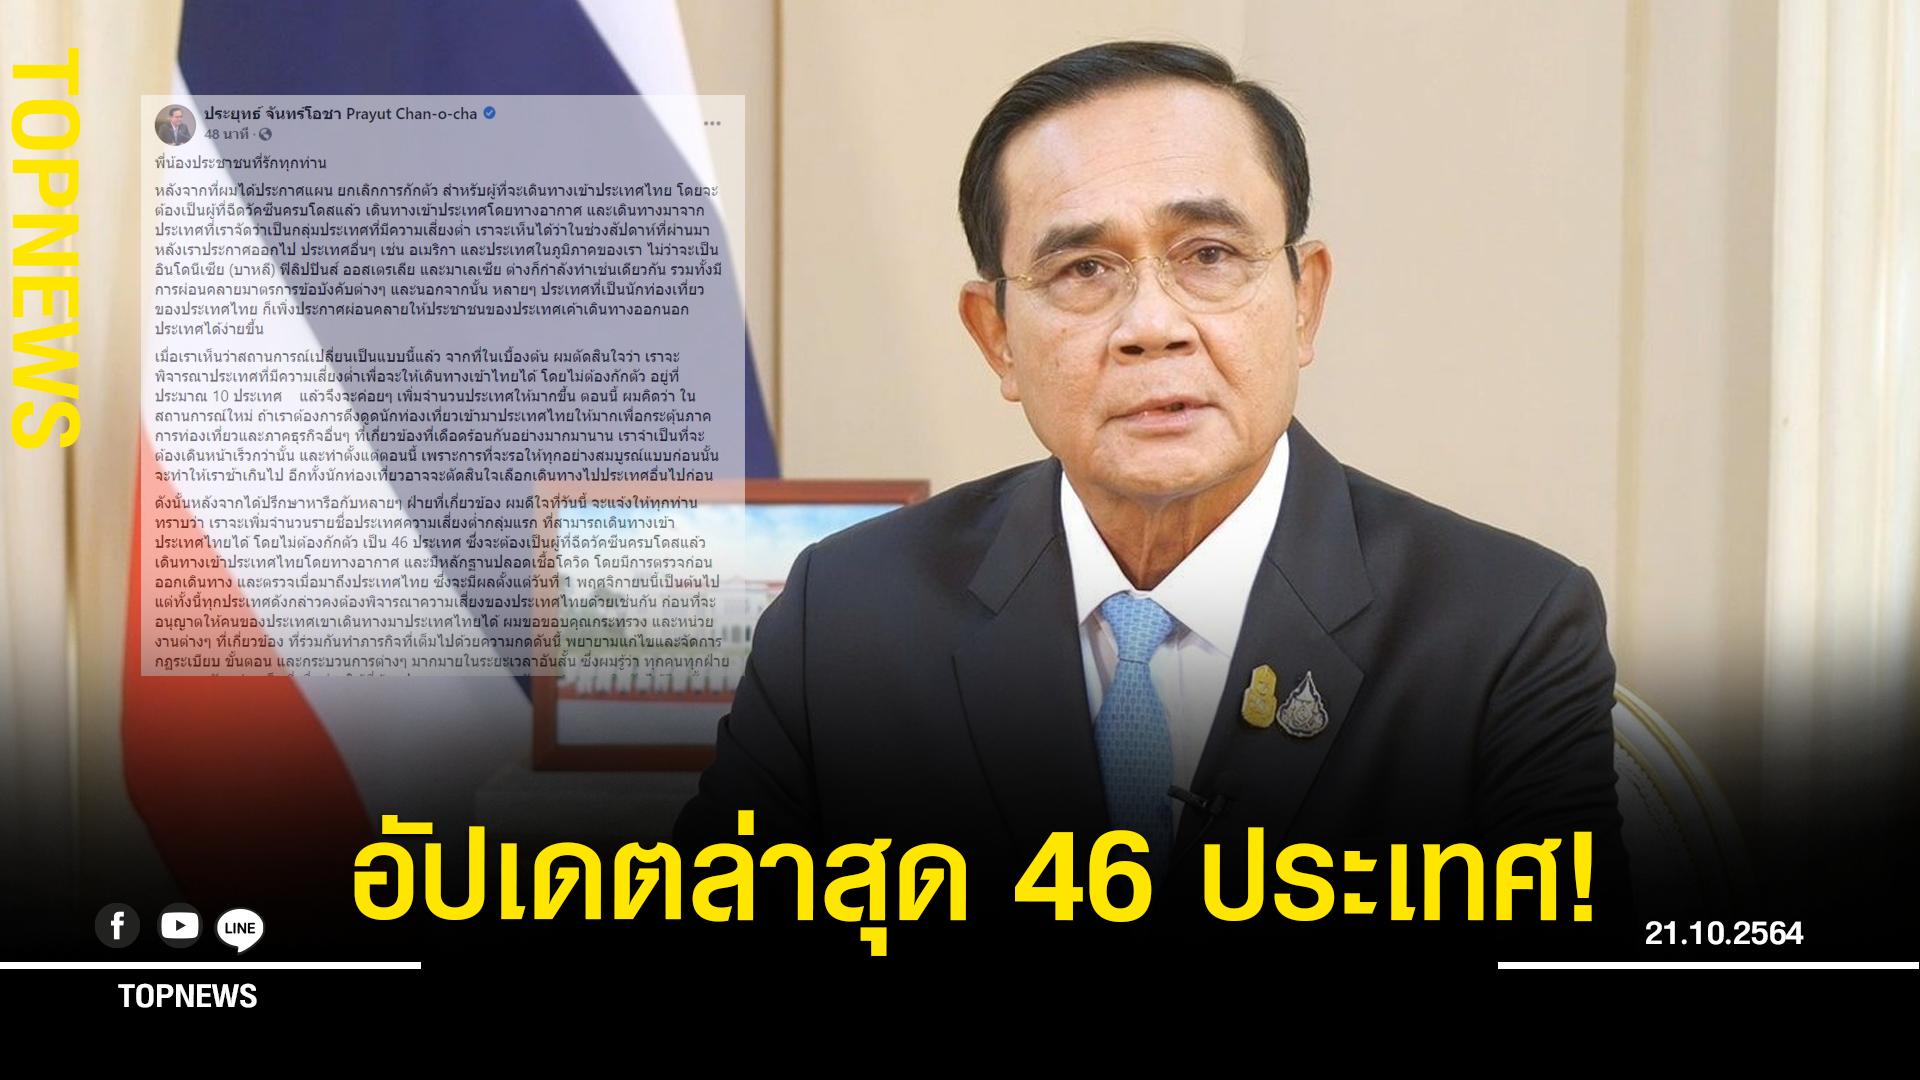 นายกฯ อัปเดตล่าสุด 46 ประเทศ! ตอบรับท่องเที่ยวไทยไม่กักตัว